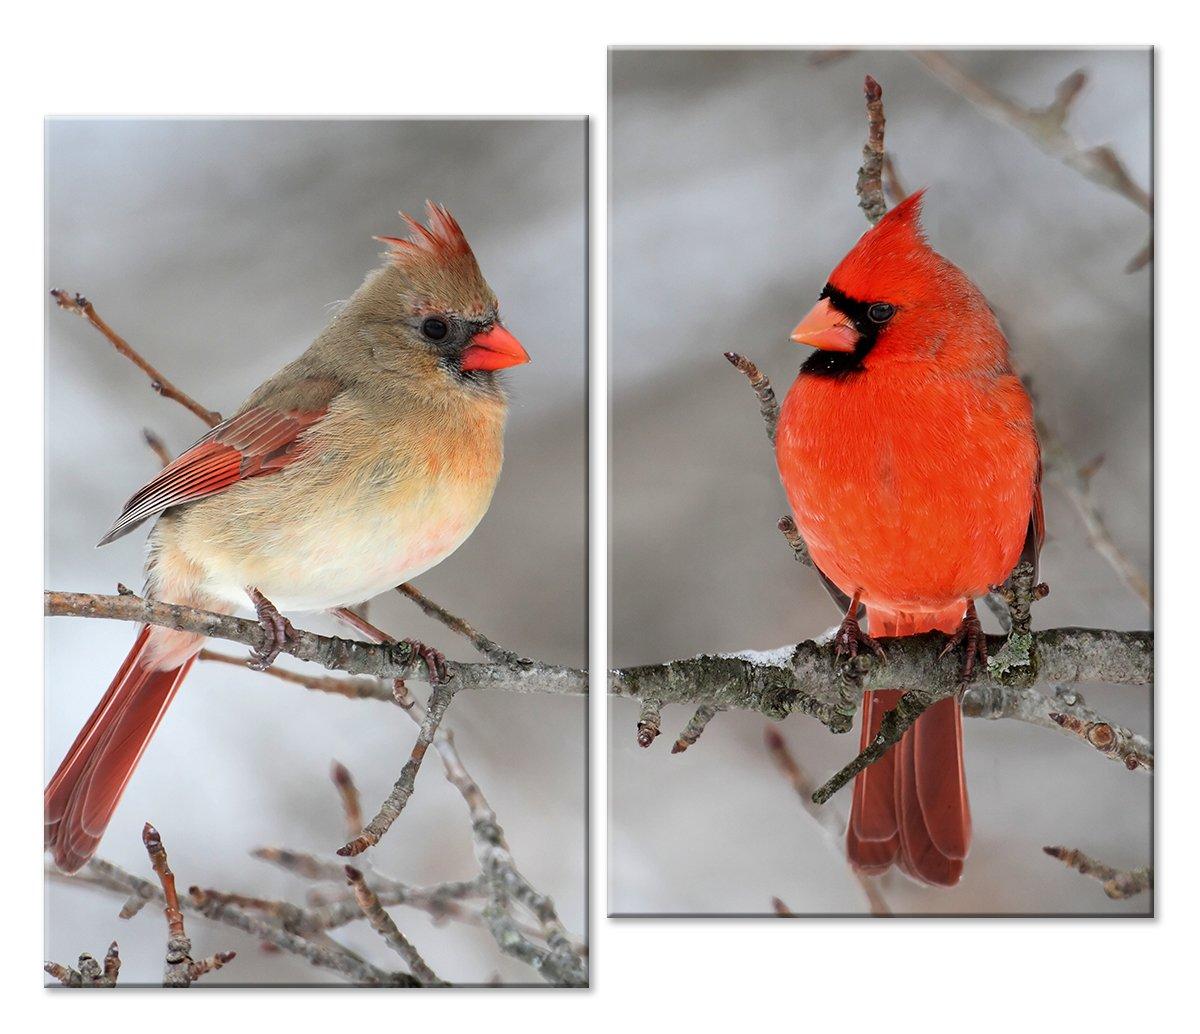 Модульная картина «Птички»Животные и птицы<br>Модульная картина на натуральном холсте и деревянном подрамнике. Подвес в комплекте. Трехслойная надежная упаковка. Доставим в любую точку России. Вам осталось только повесить картину на стену!<br>